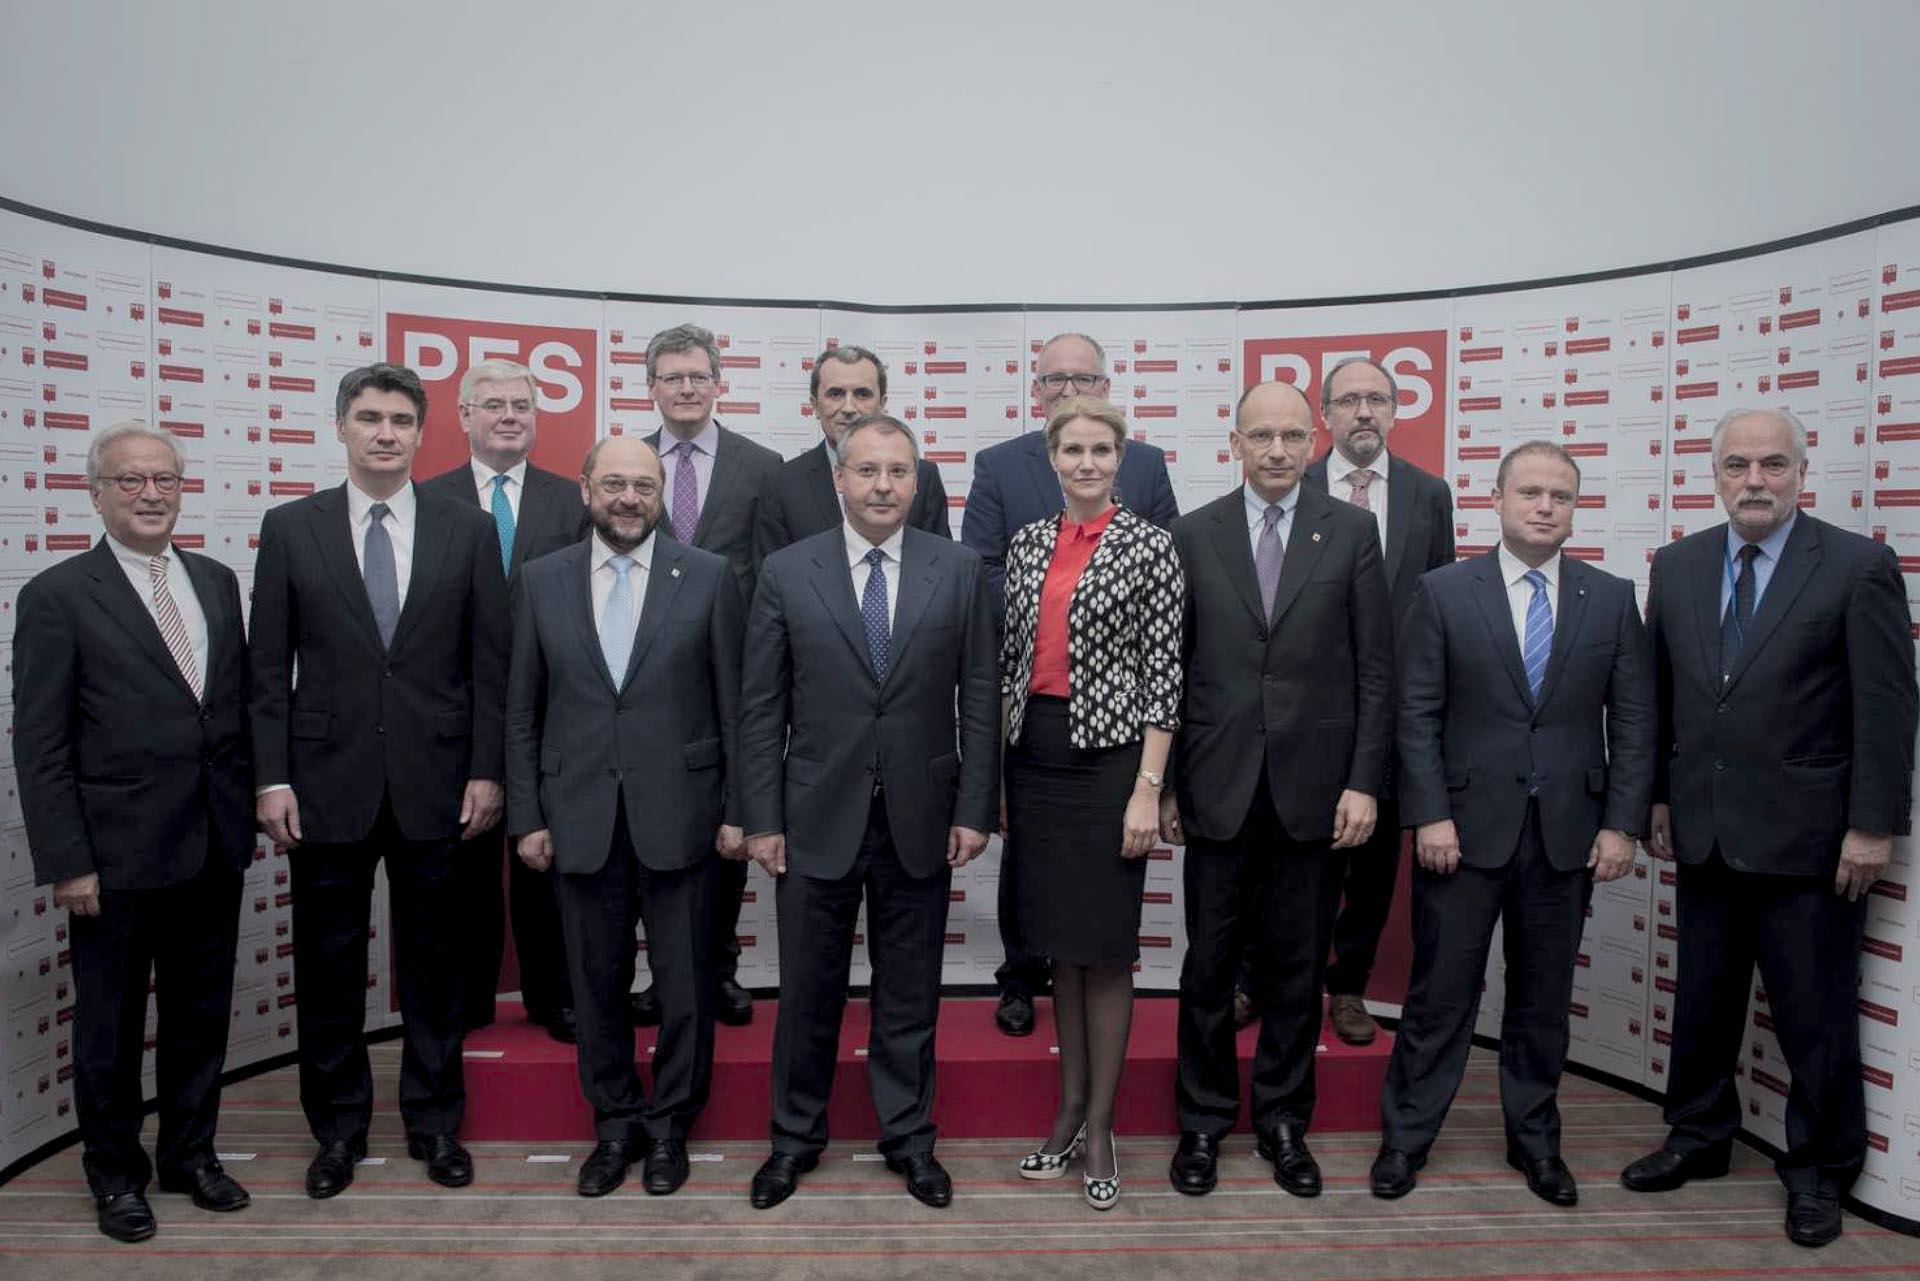 I HANNES SWOBODA, ZORAN MILANOVIĆ I DRUGI ČELNICI EUROPSKIH SOCIJALISTA NA SASTANKU U BRUXELLESU, U LIPNJU 2013 | Foto: IZLOŽBA '120 GODINA HRVATSKE SOCIJALDEMOKRACIJE